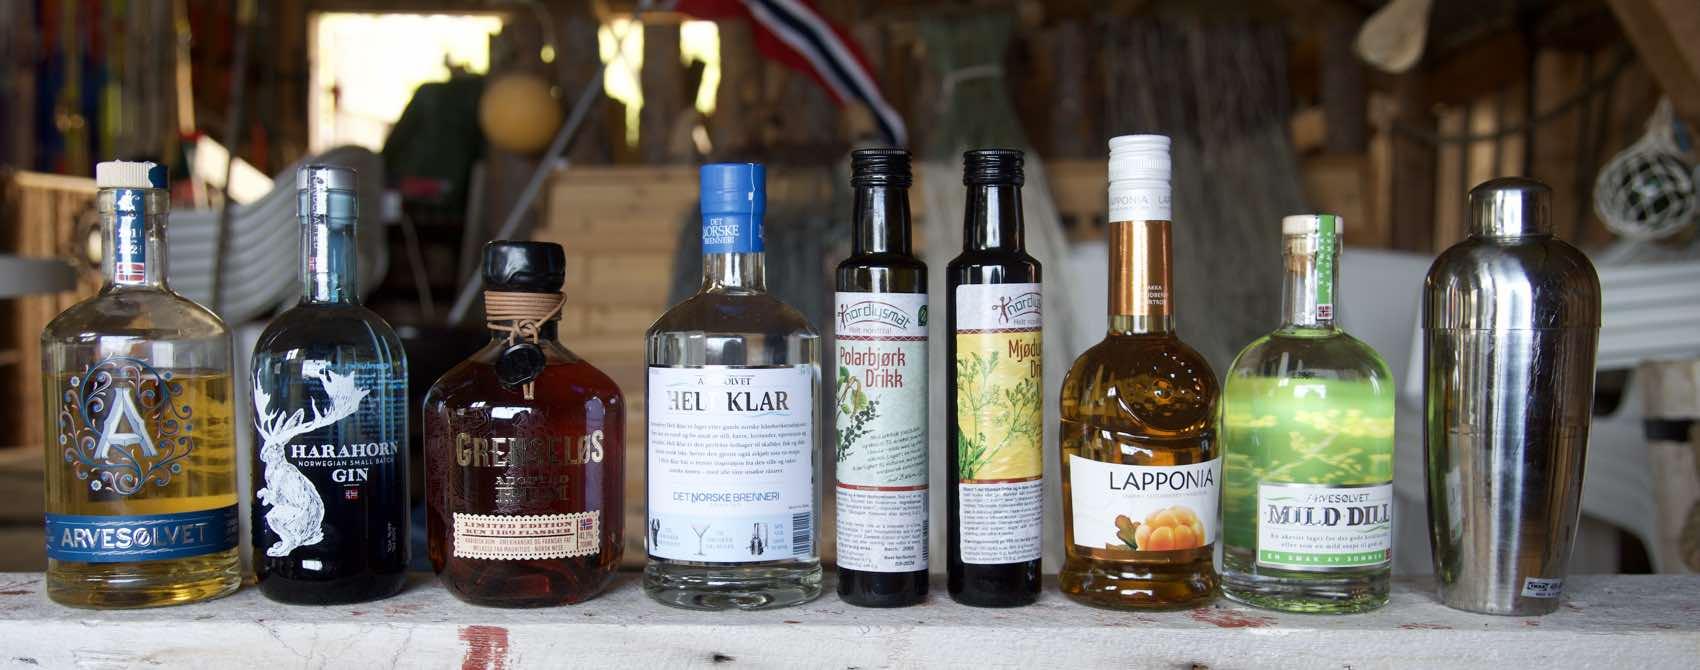 Norsk akevitt, Harahorn gin og til og med en norsk Grenseløs rom av ypperste kvalitet. Reis aldri på ferie uten en cocktail-mikser.